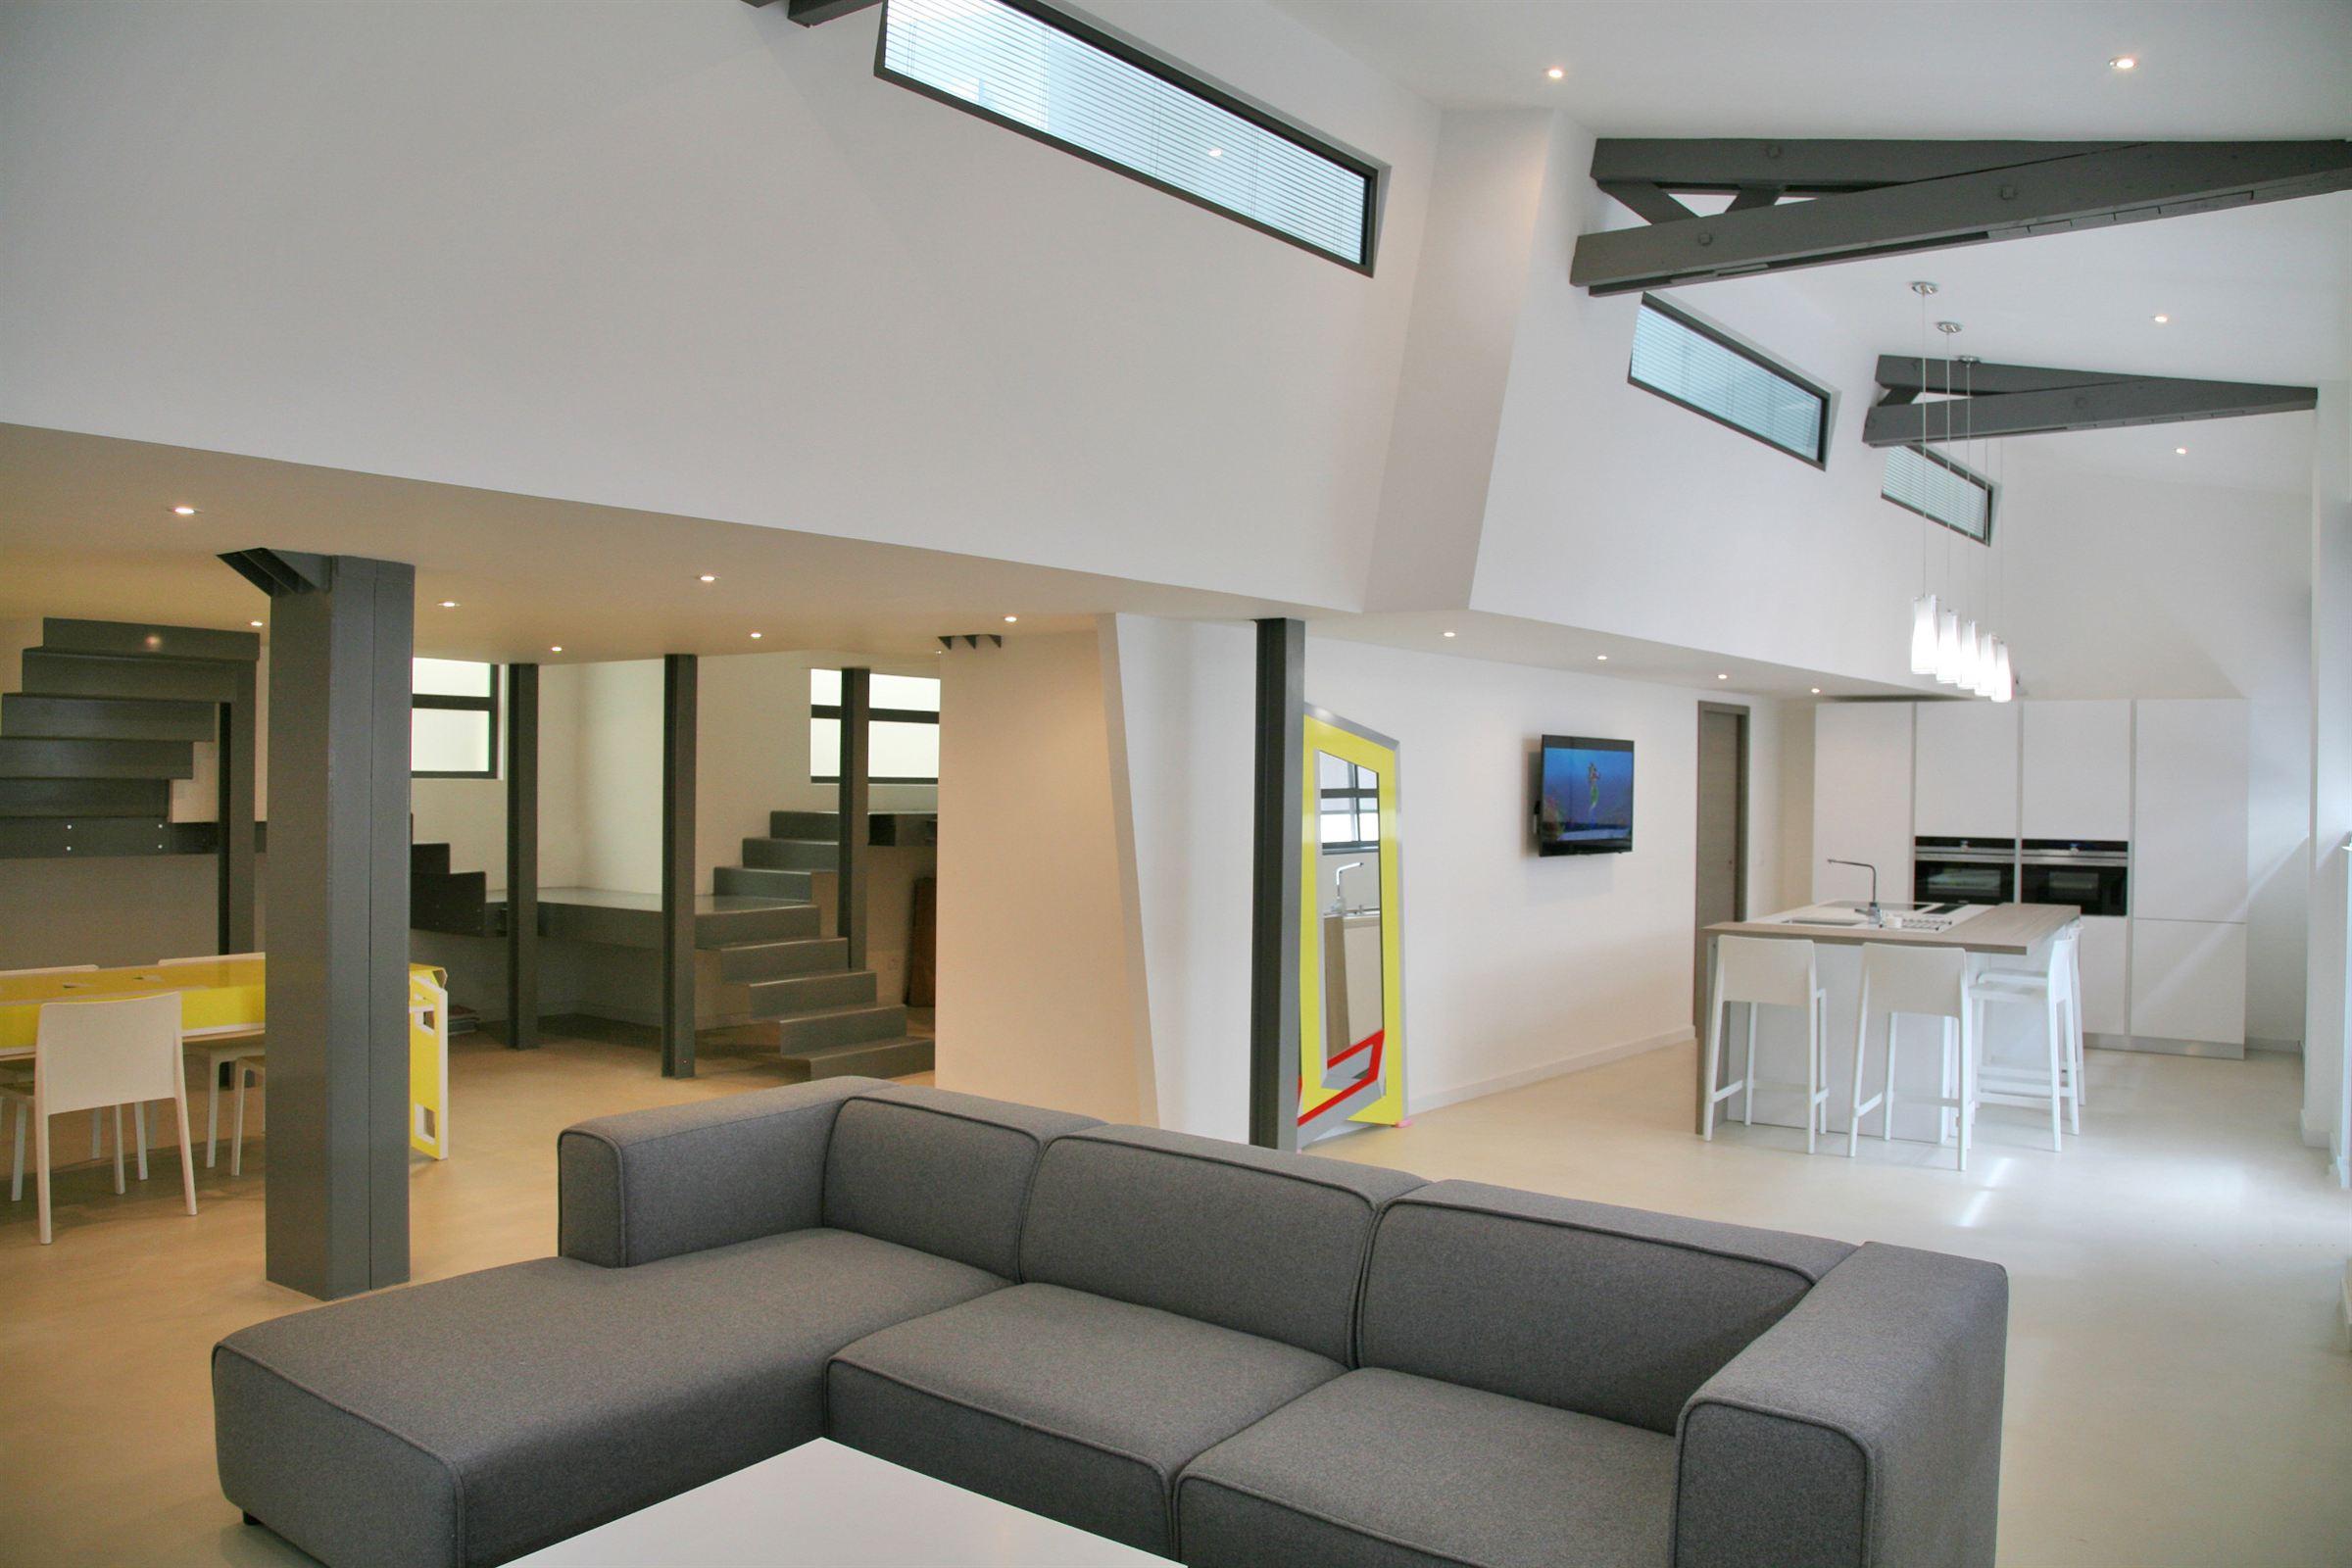 Apartamento para Venda às Apartment Annecy, Rhone-Alpes, 74000 França